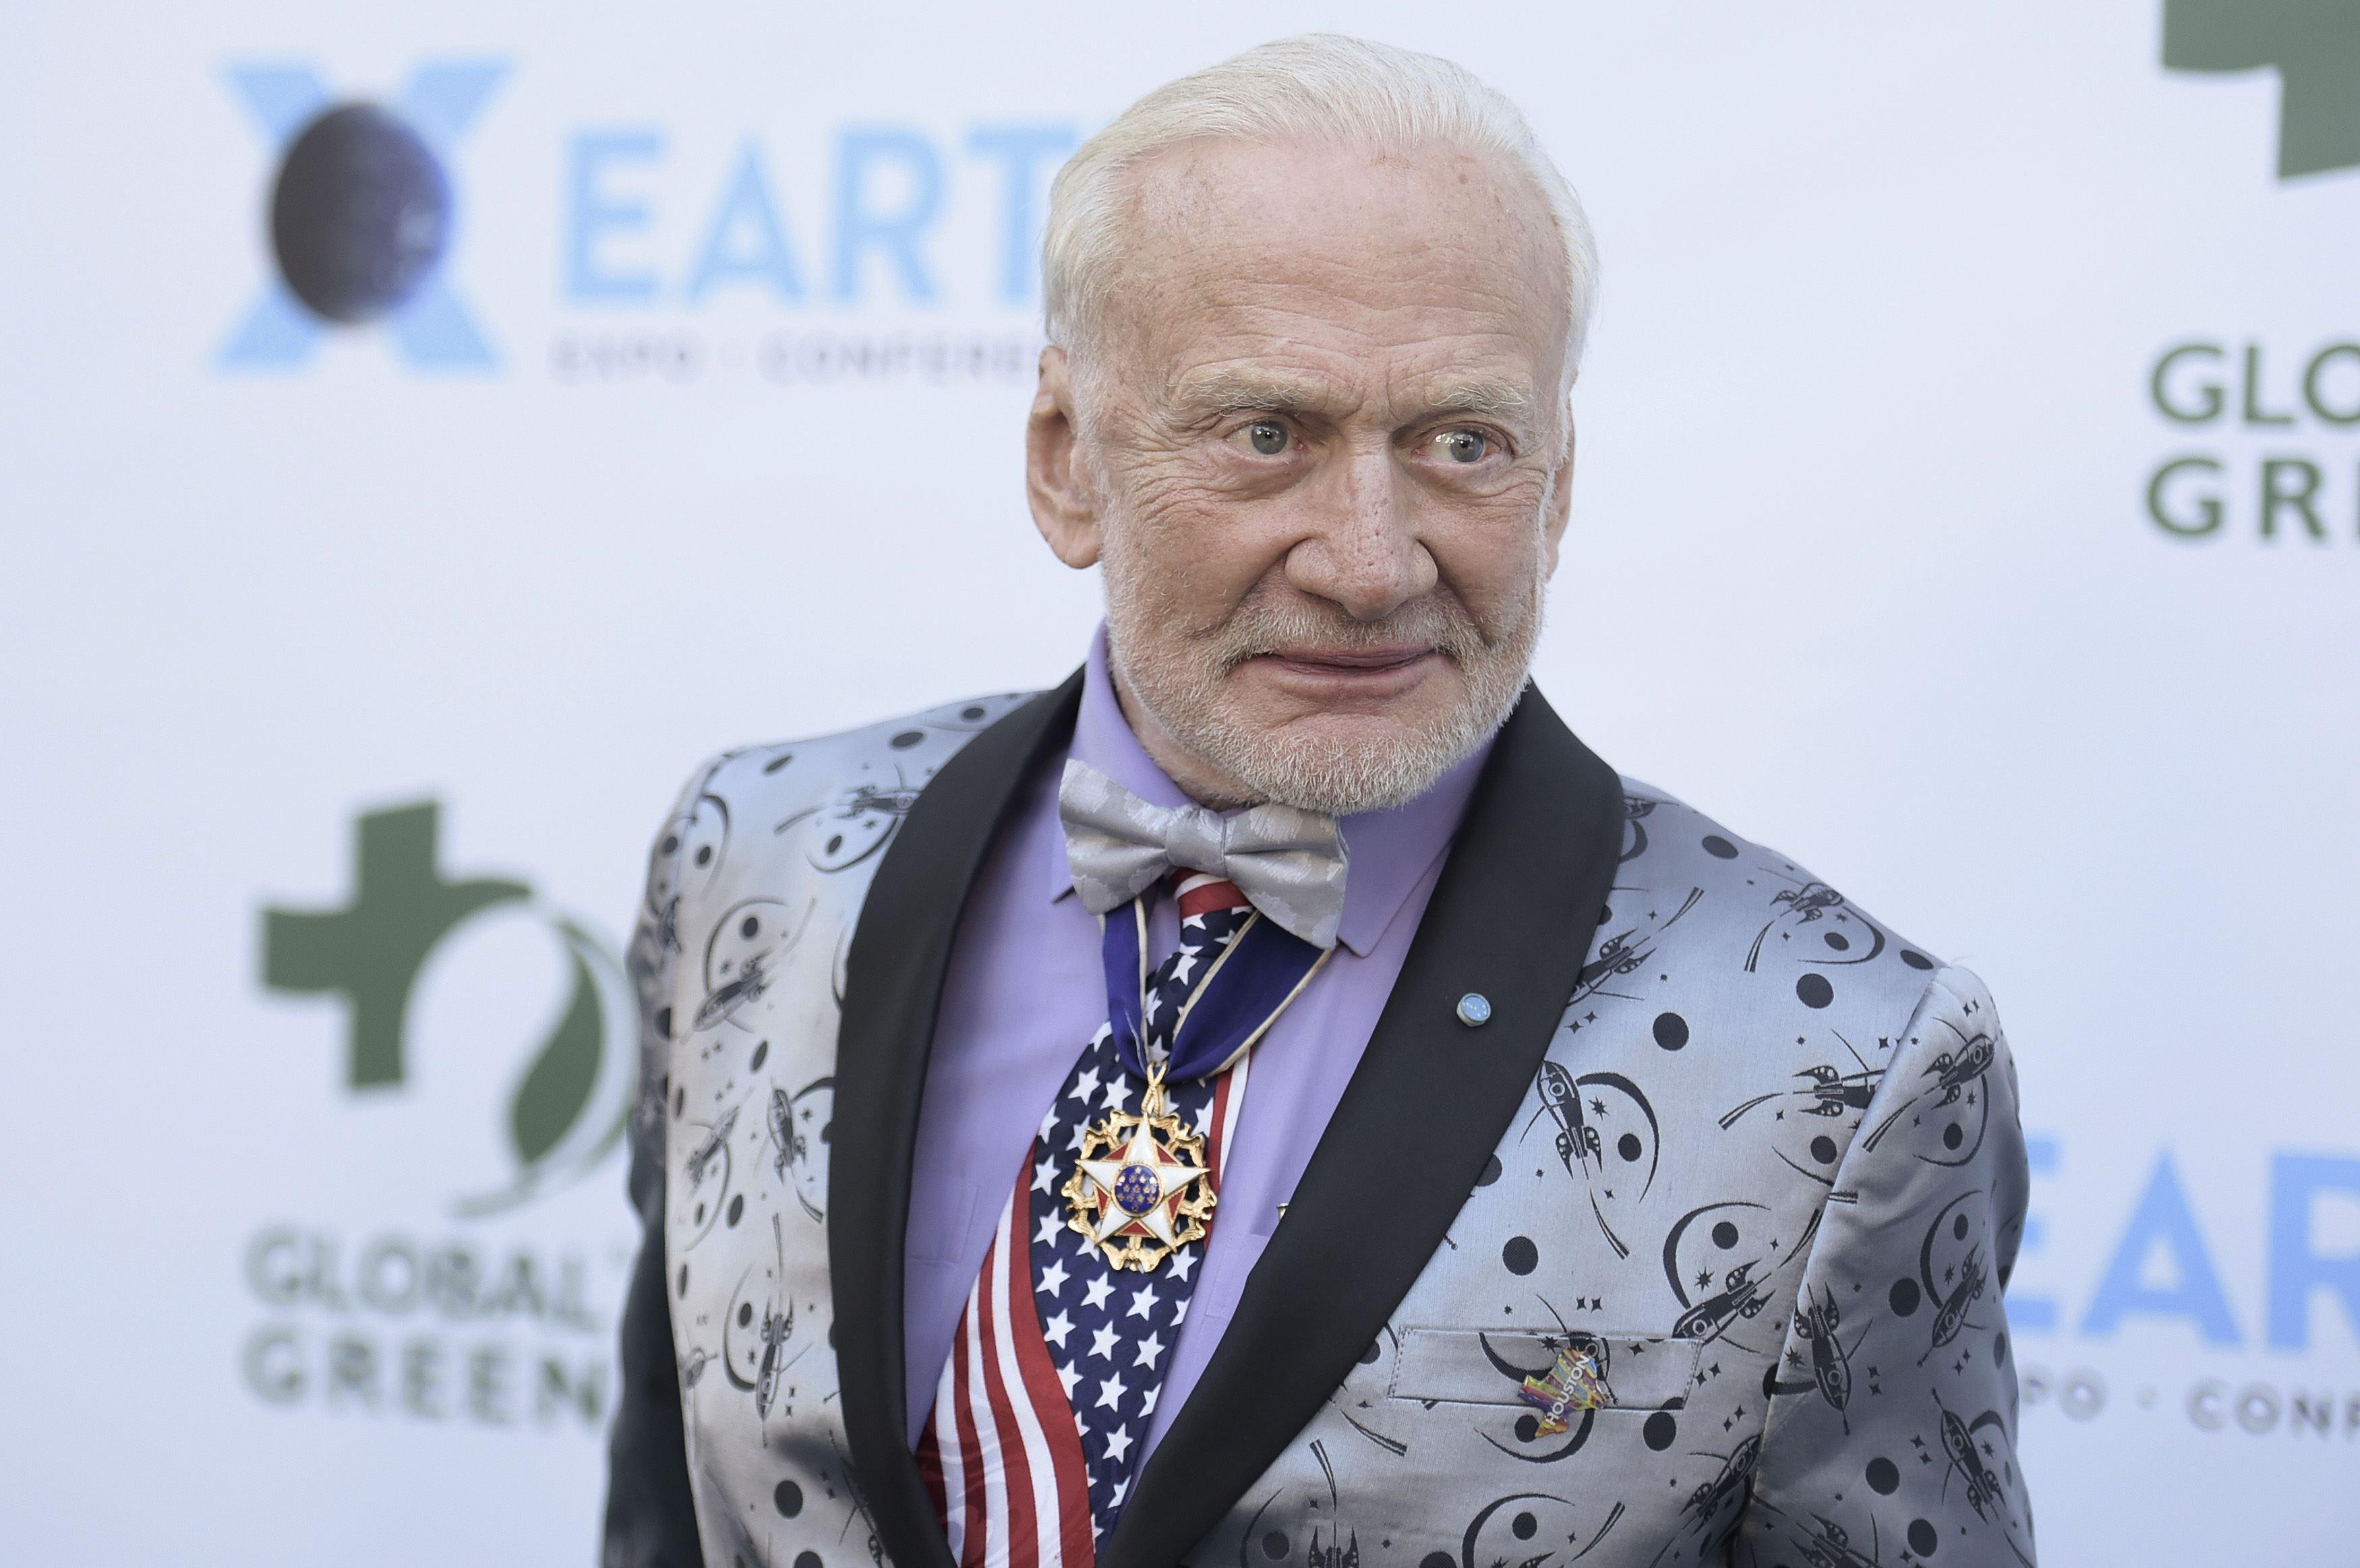 Surprising Tweet Follows Lawsuit From Buzz Aldrin